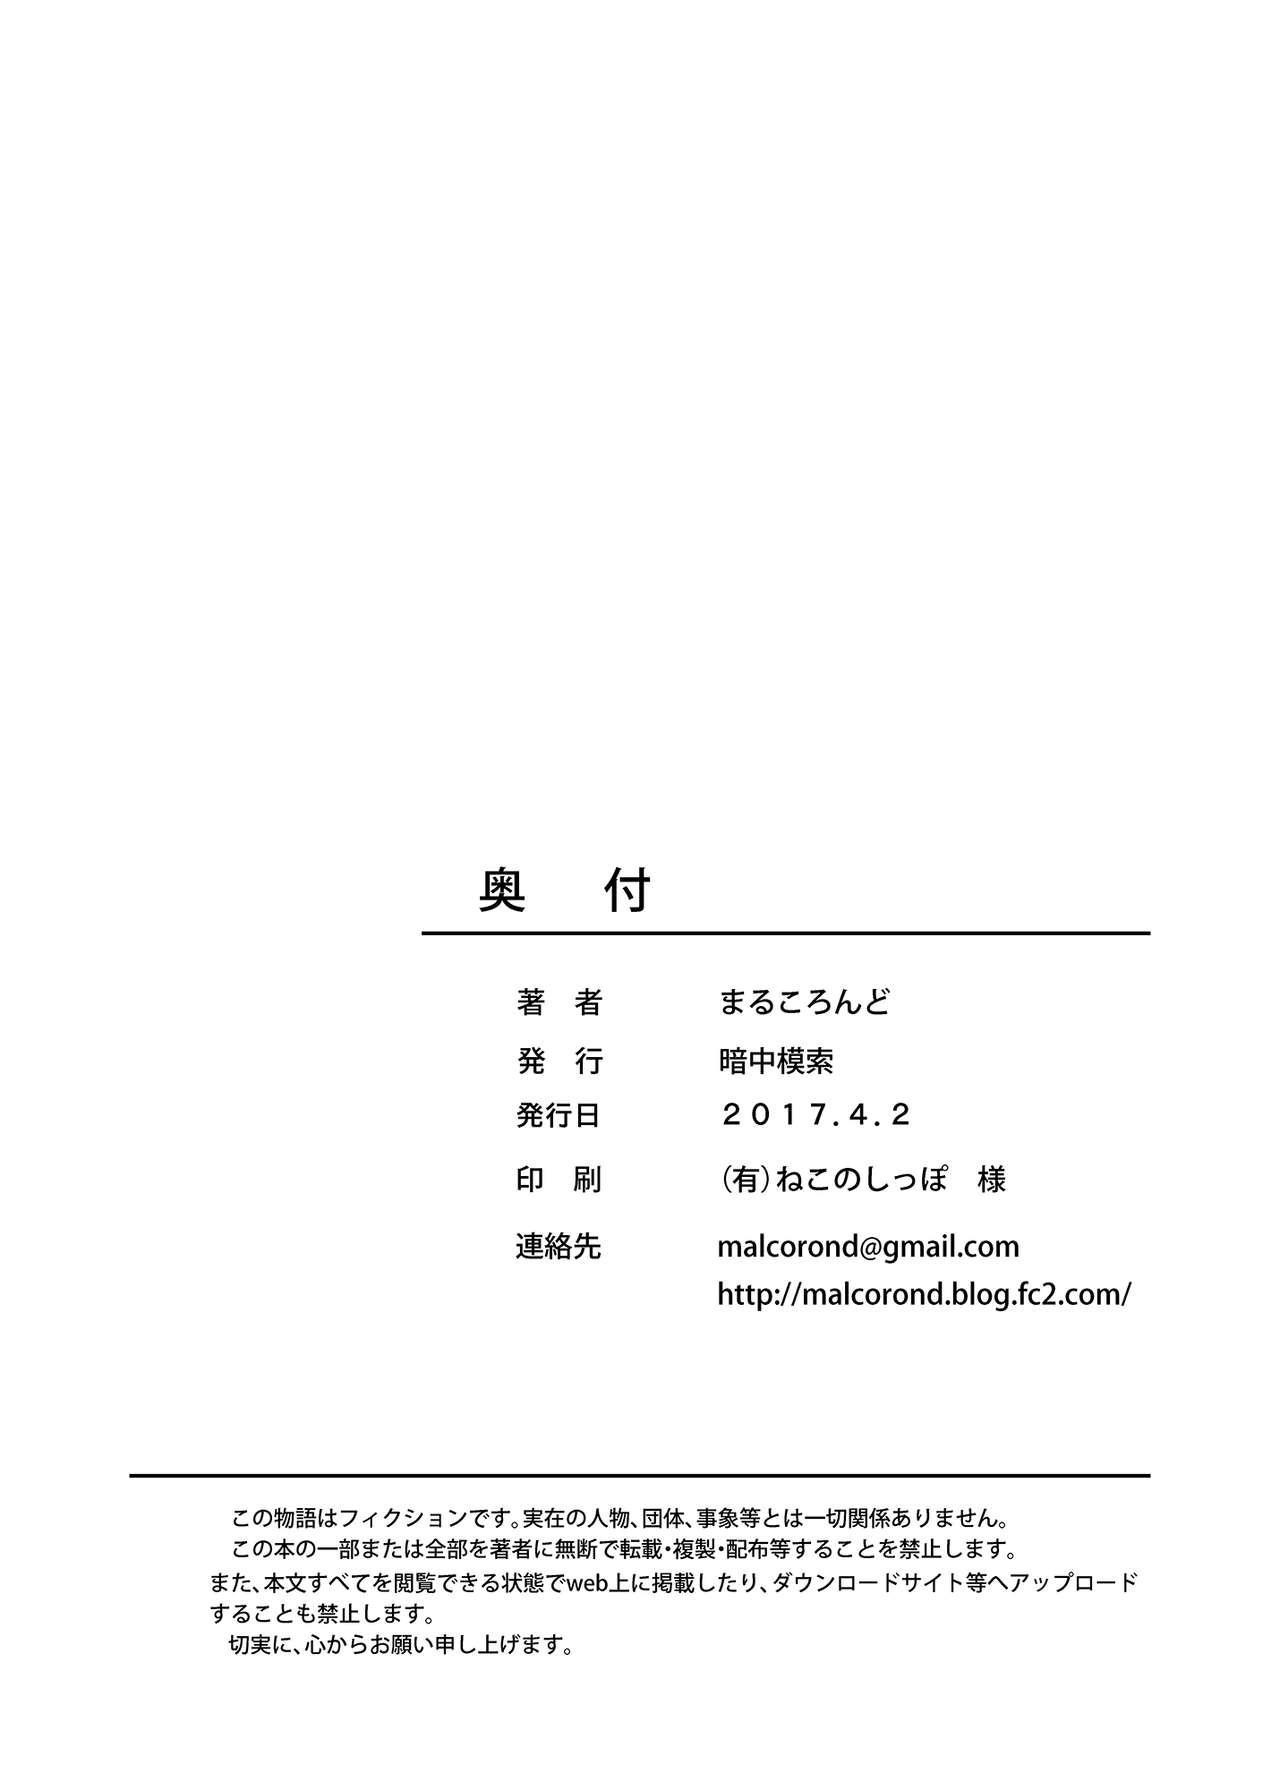 Toaru Fuyu no Shoujo no Ehon 28